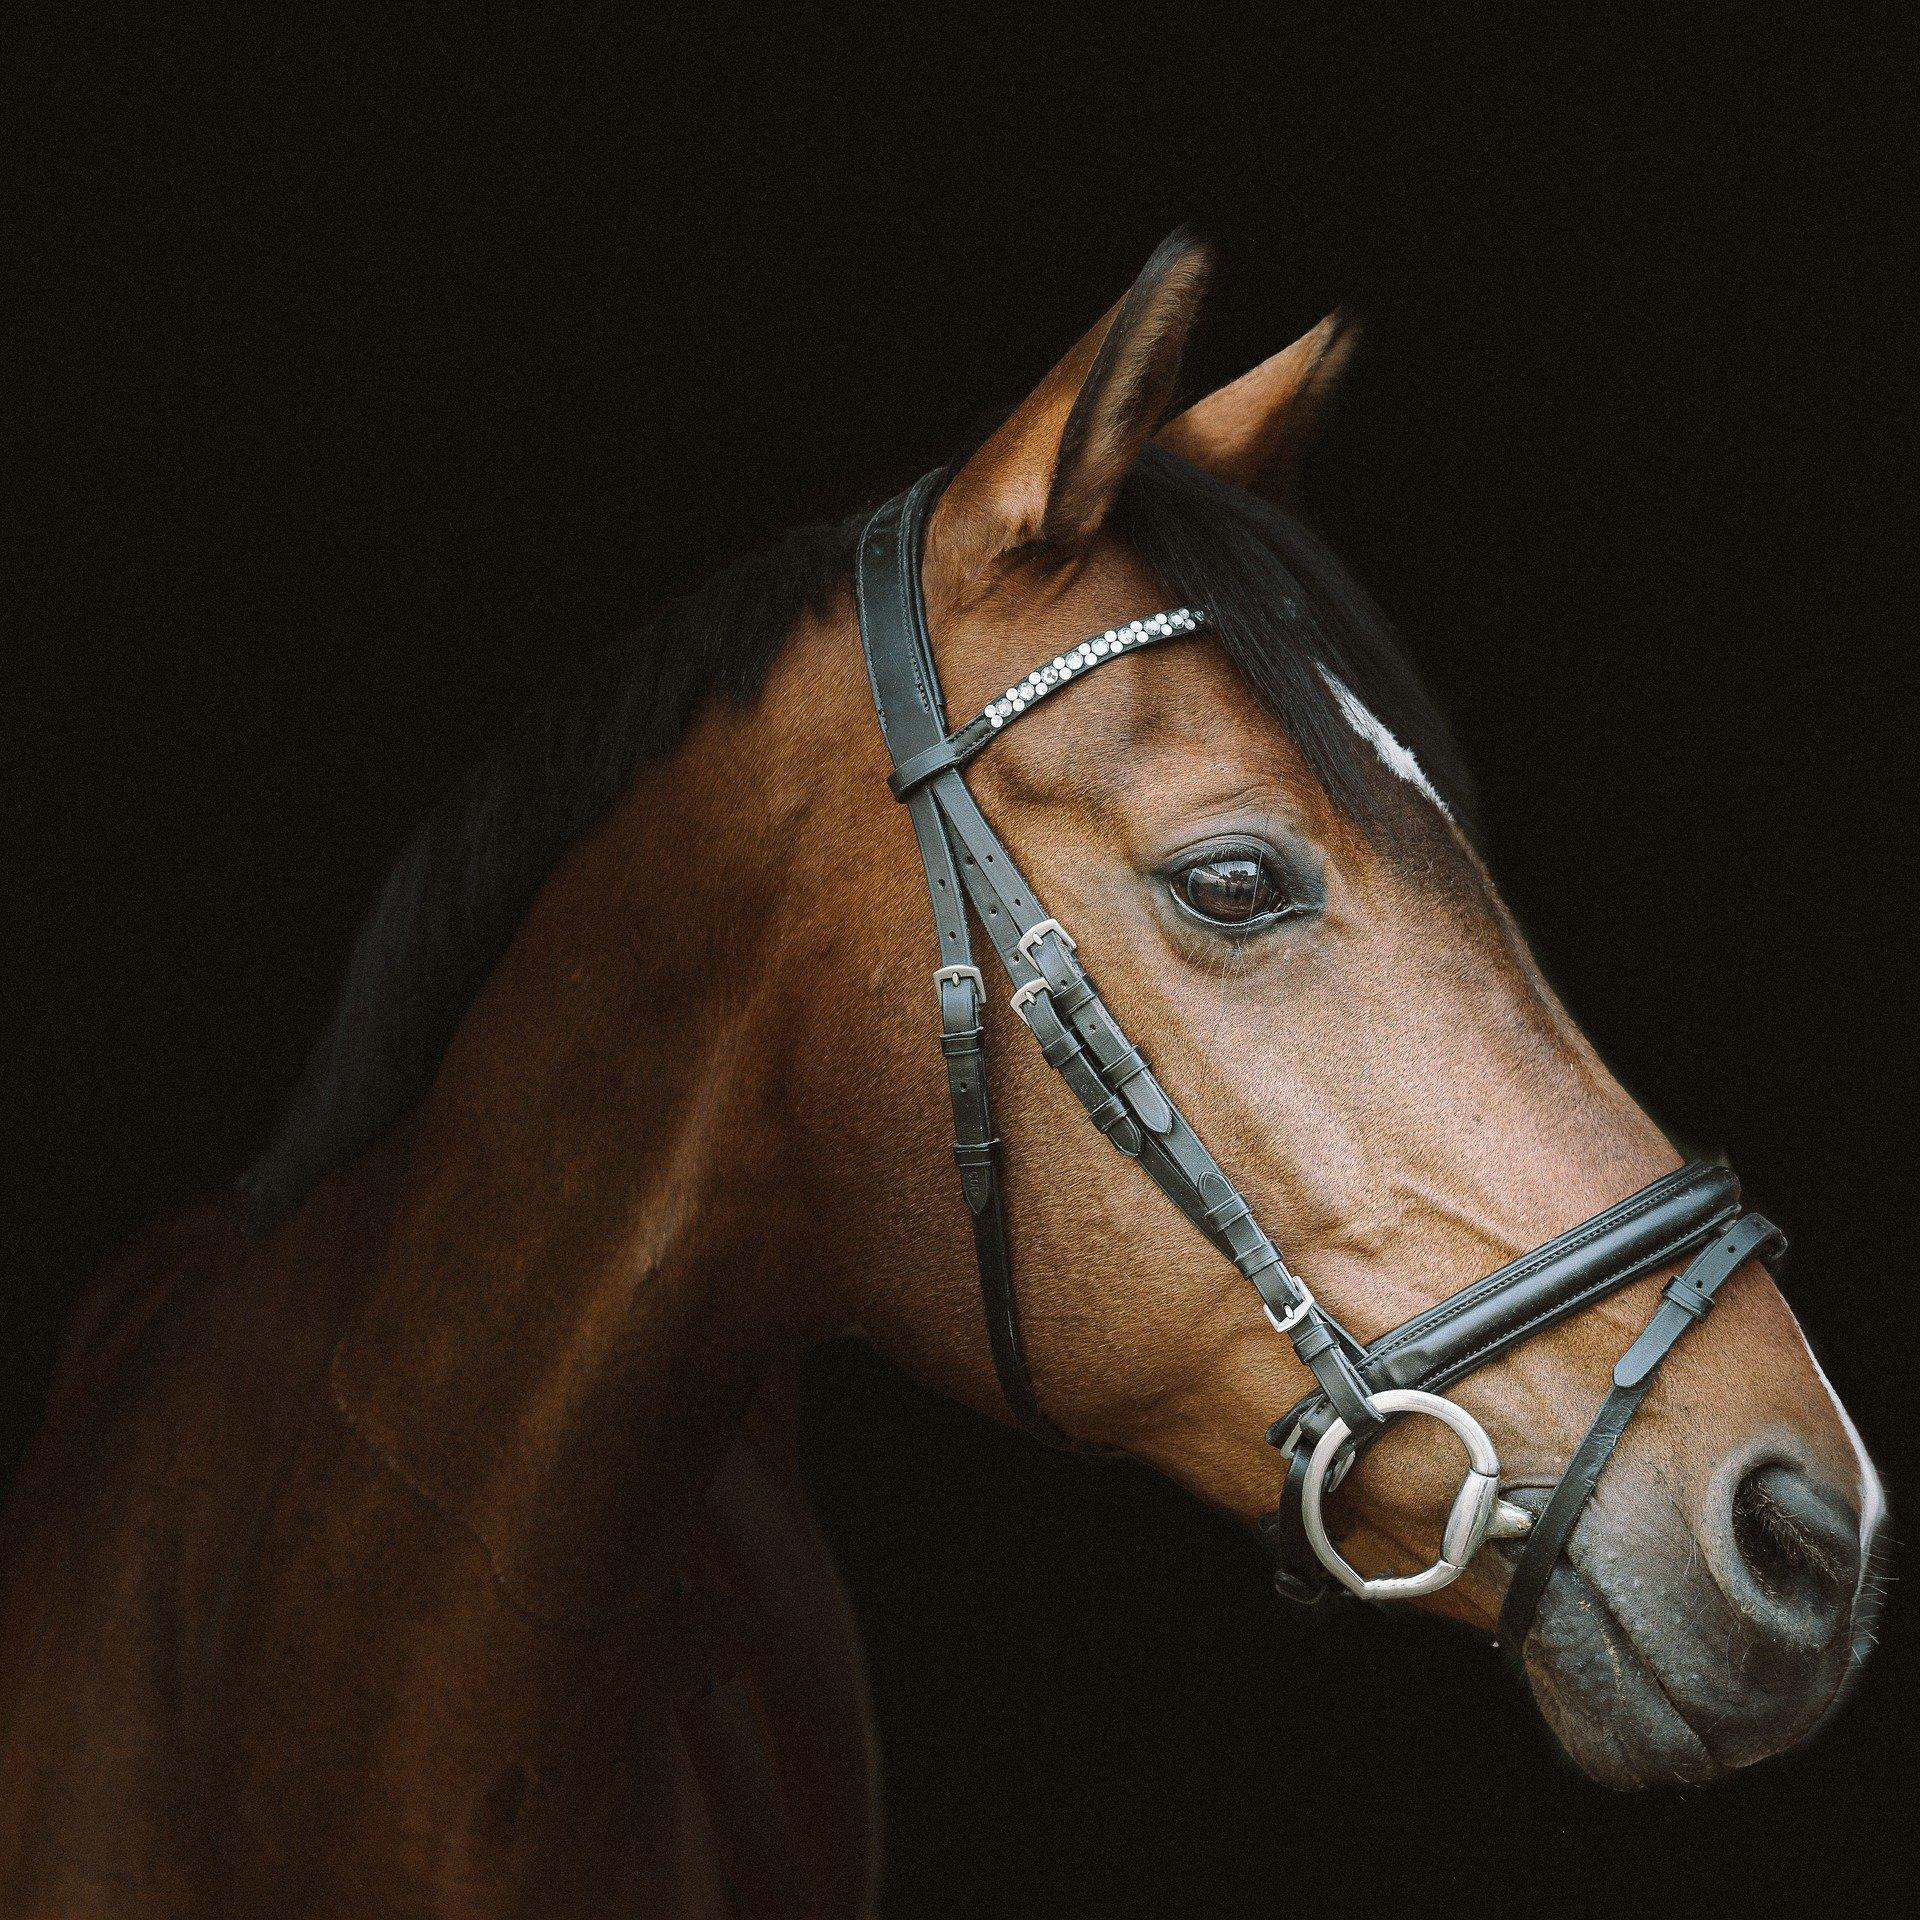 Interessiertes Pferd